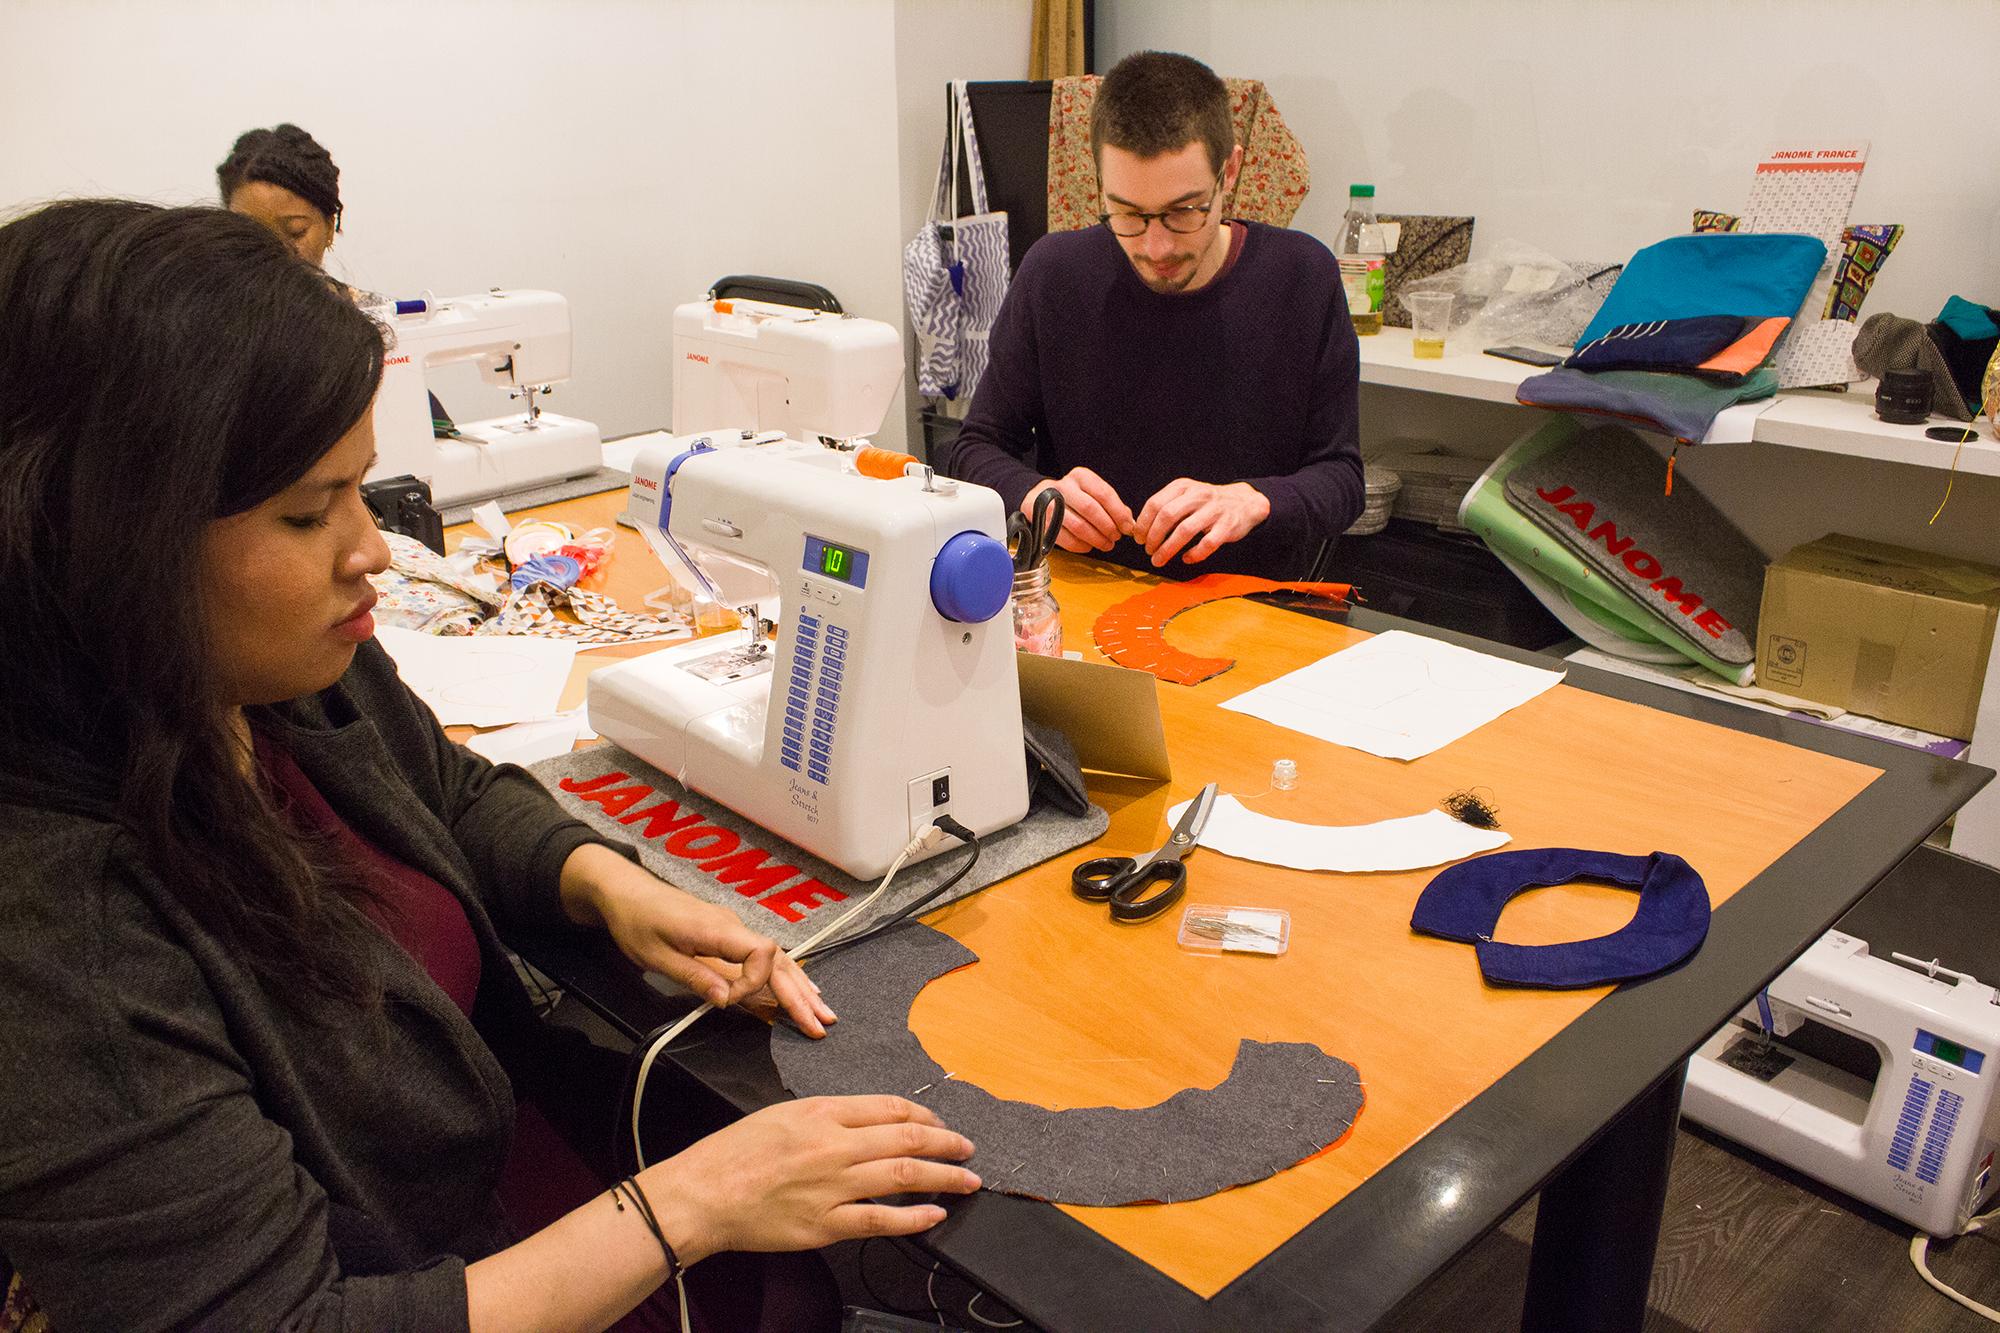 atelier de curiosité à l'atelier couture débutant chez janome